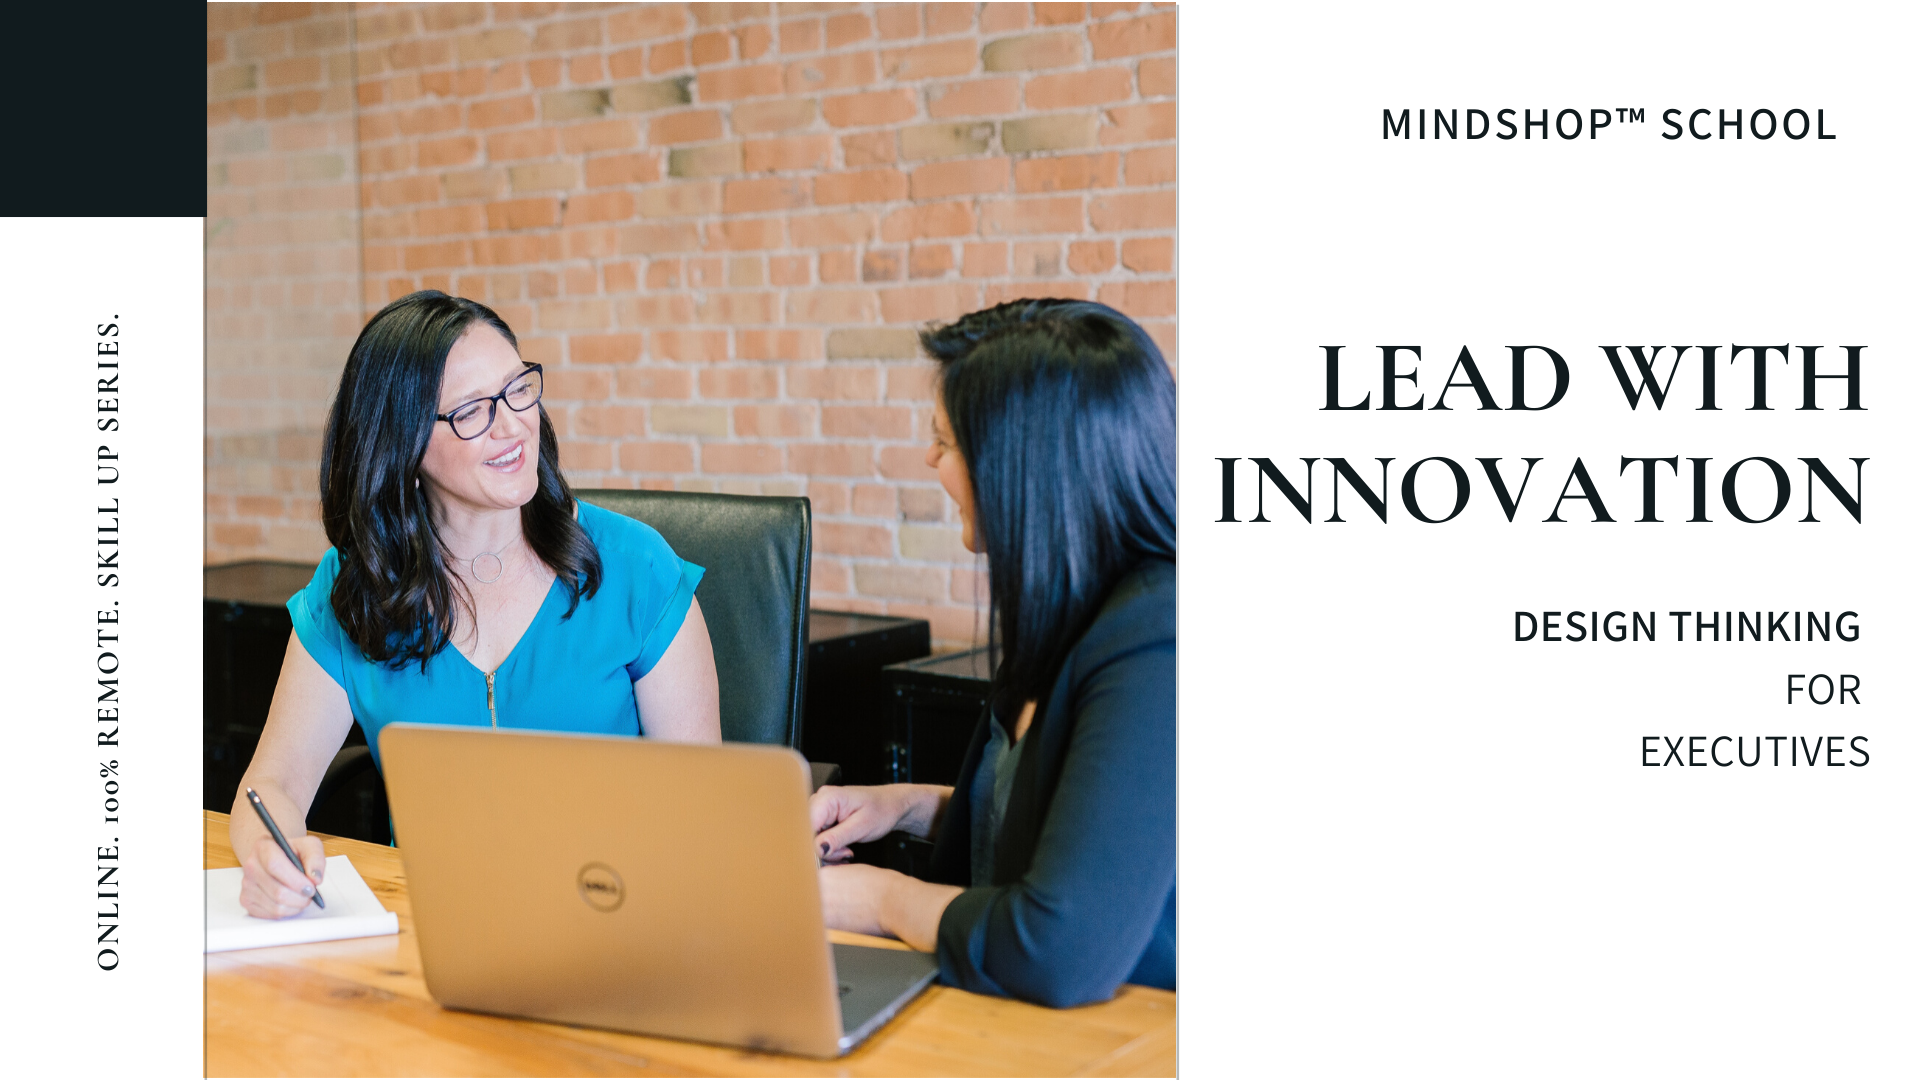 MINDSHOP™|DESIGN THINKING FOR EXECUTIVES